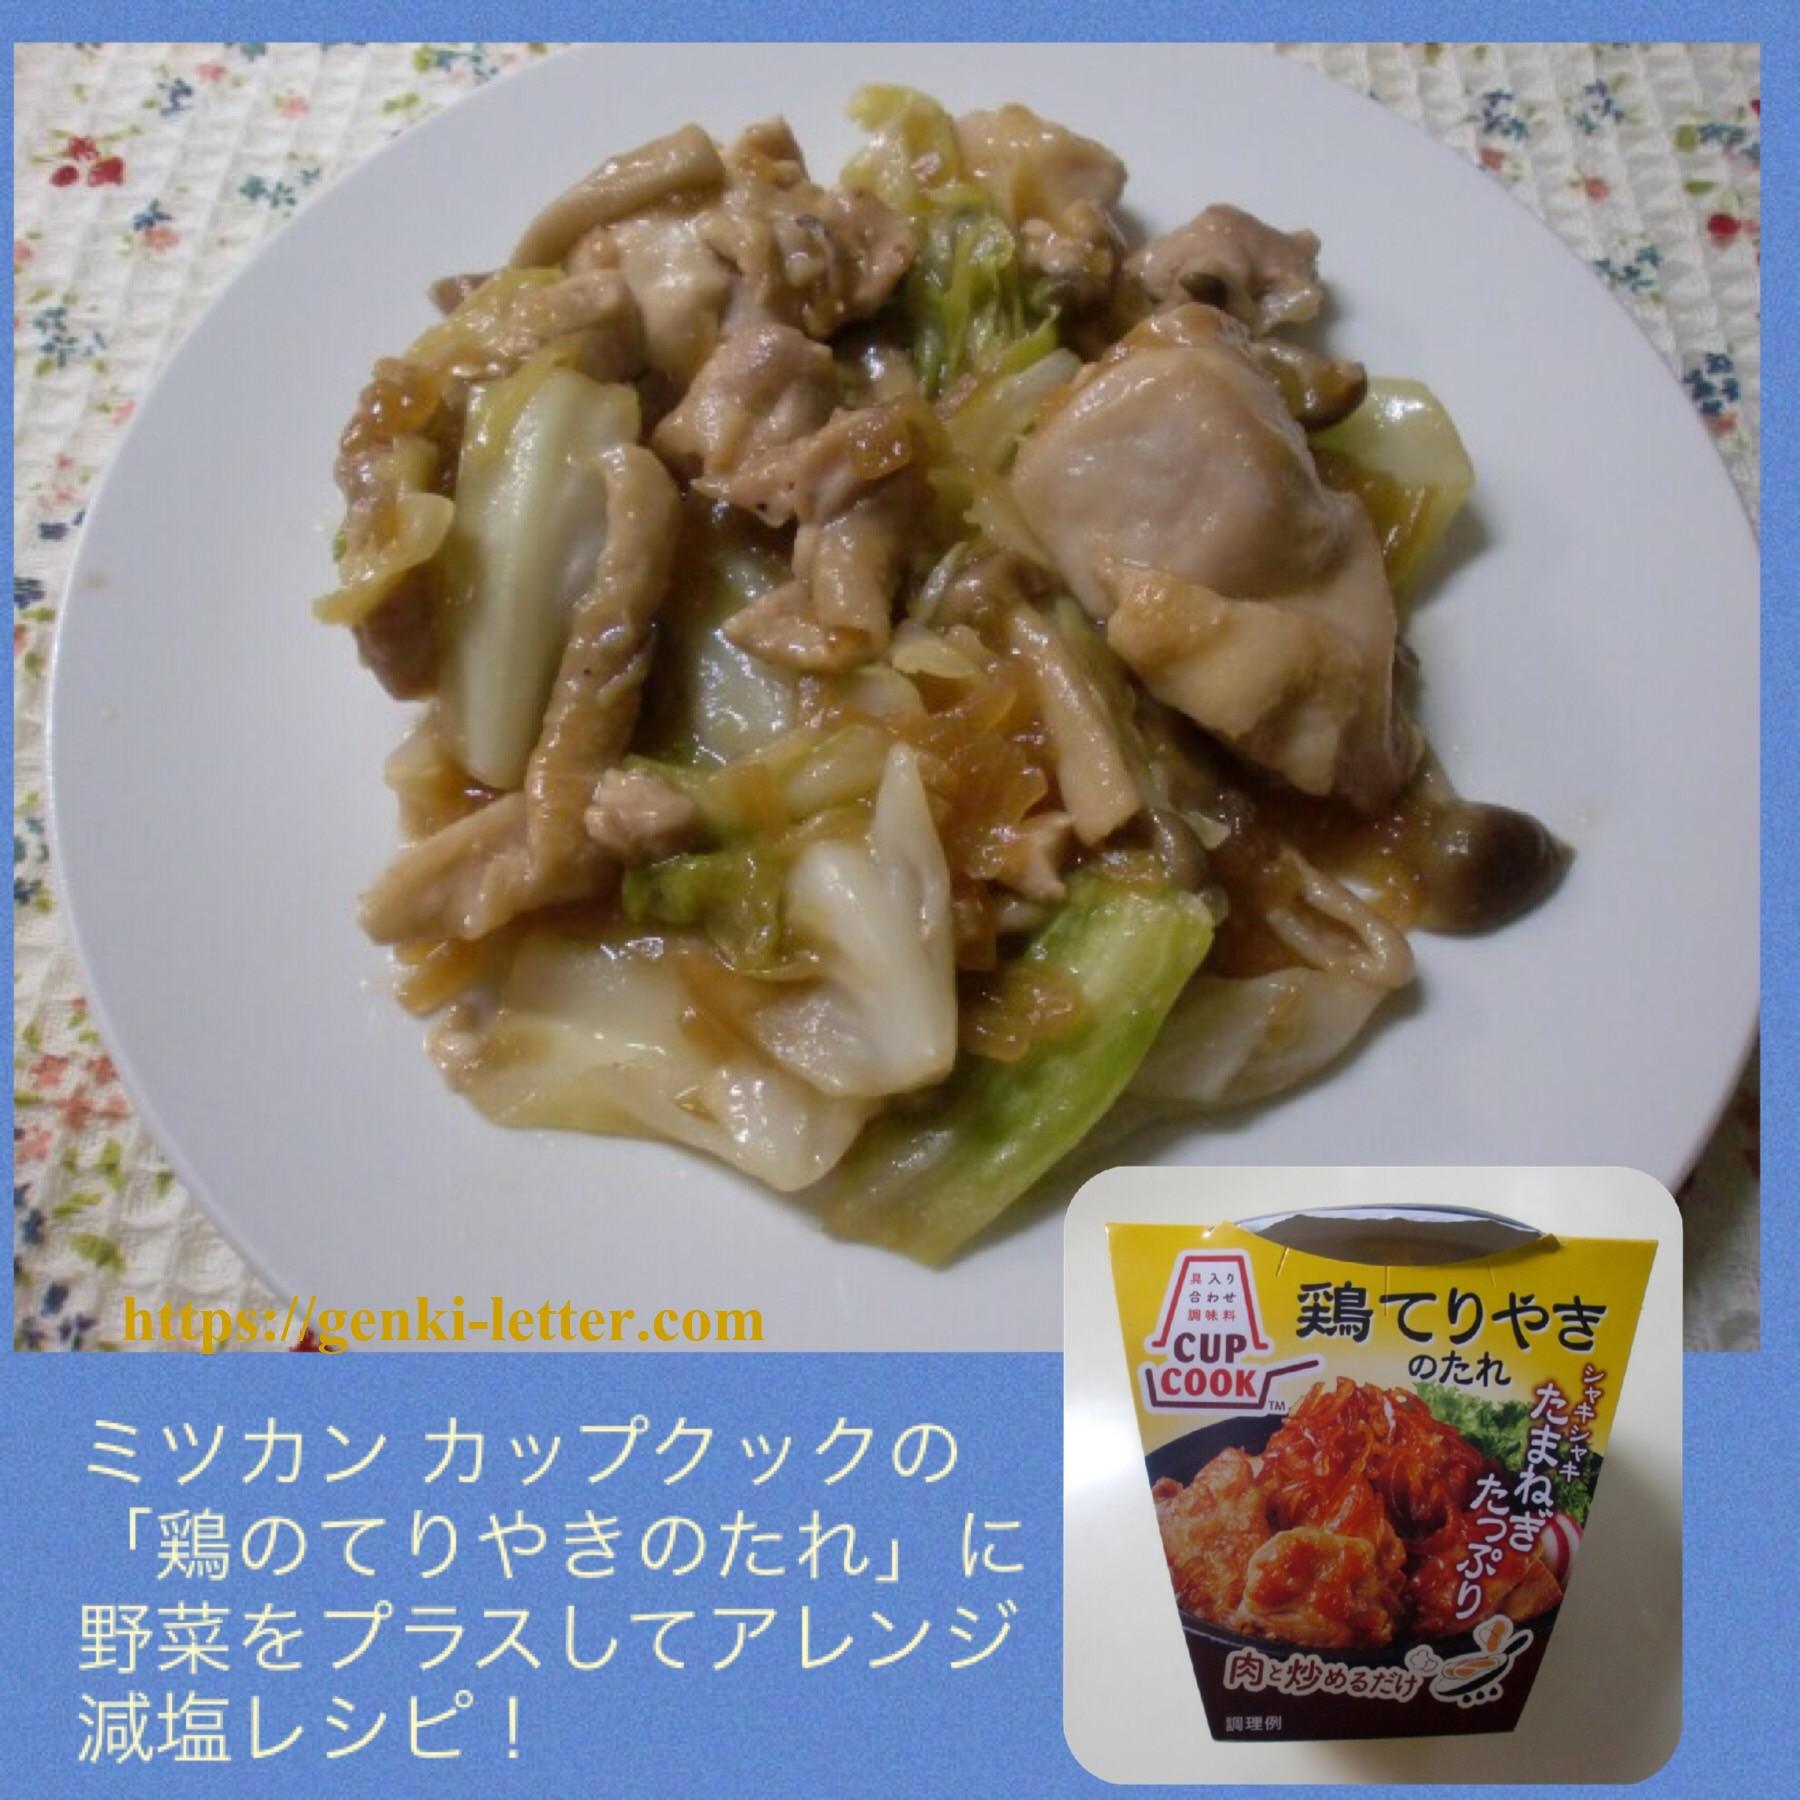 ミツカン カップクックの『鶏てりやきのたれ』に野菜をプラスしてアレンジ減塩レシピ